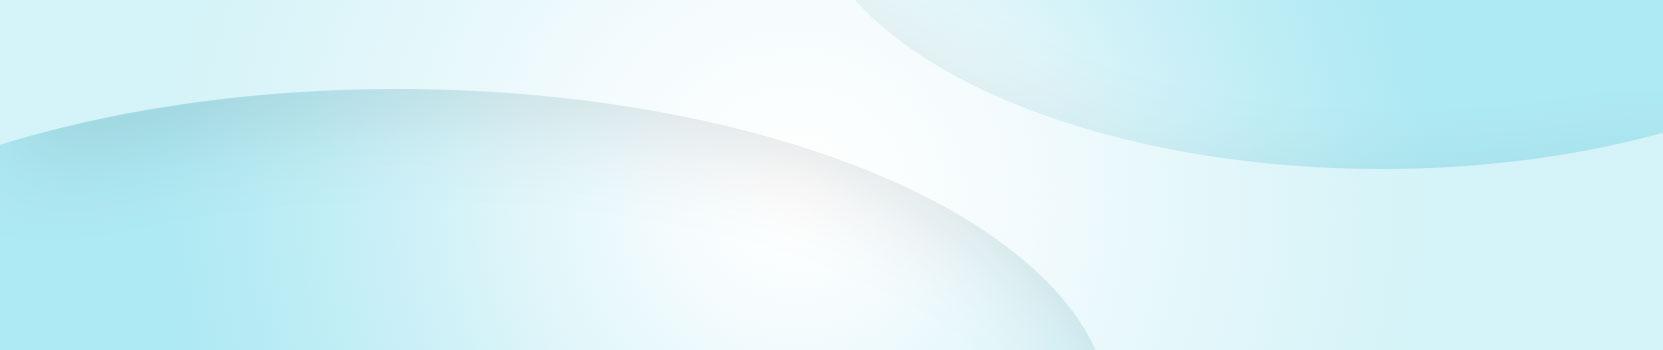 fondo-banner-migraciones-xp